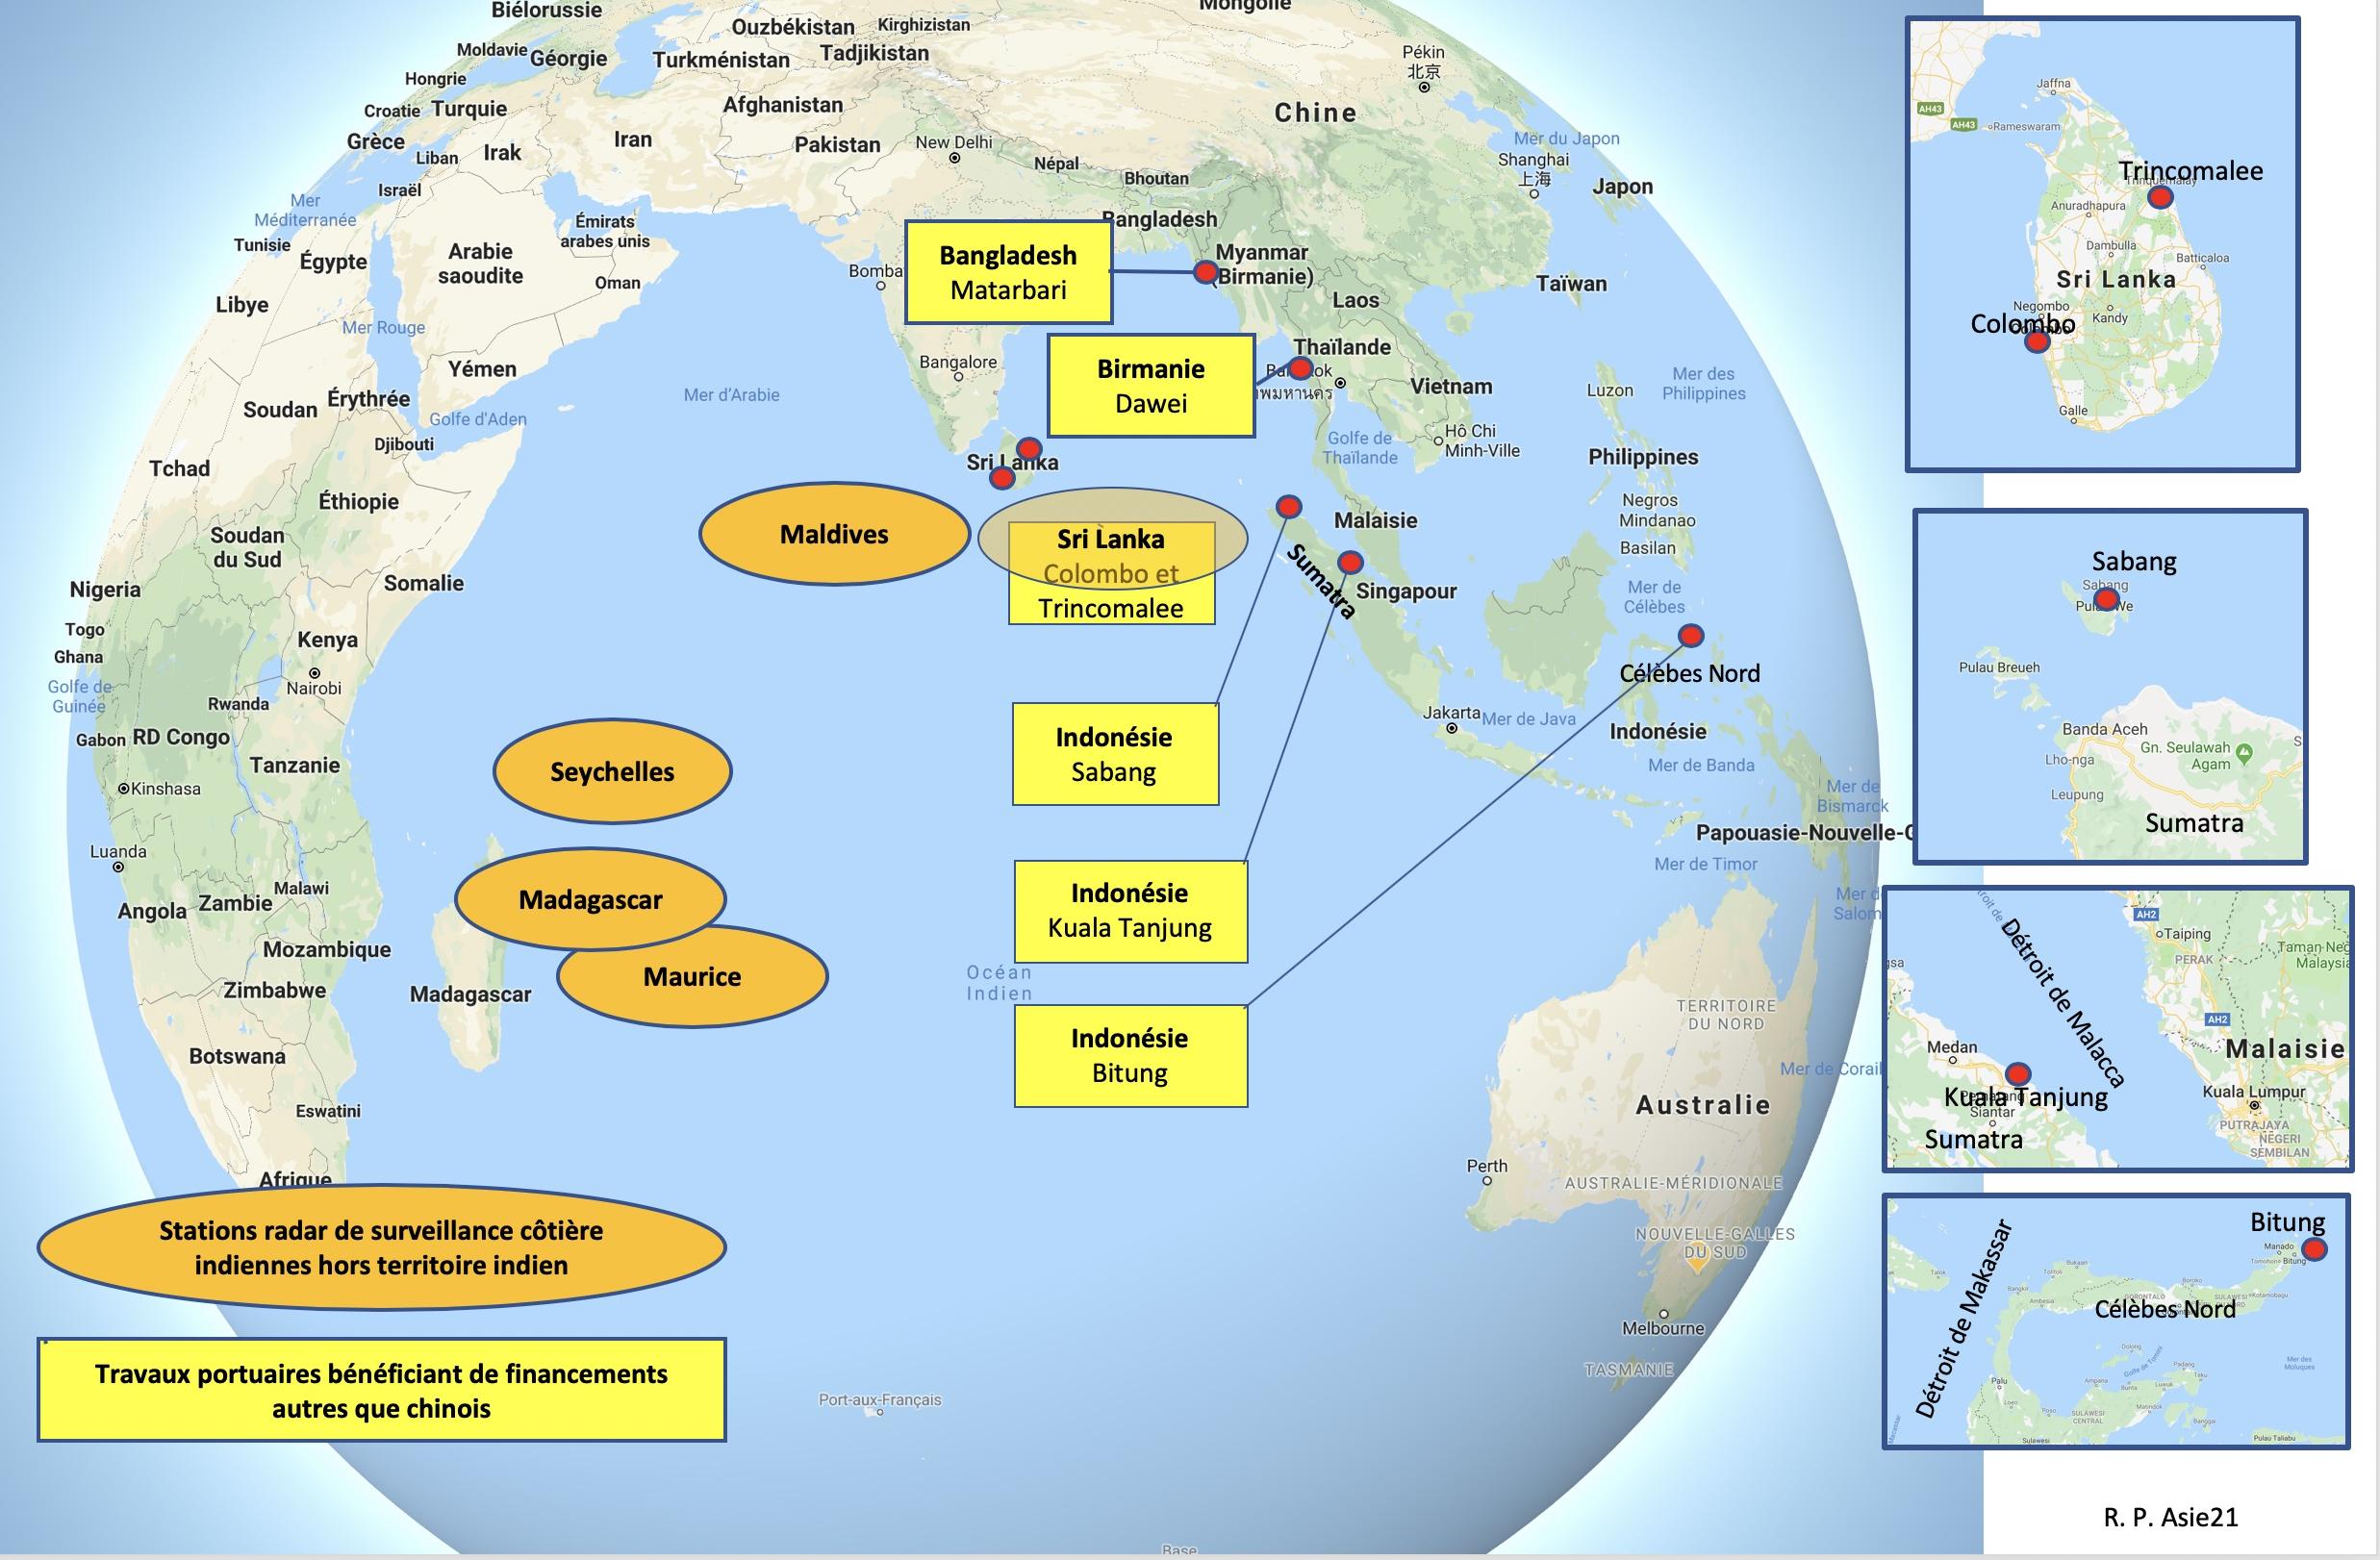 Japon : Entre amis dans l'océan Indien // Japan: Among friends in the Indian Ocean